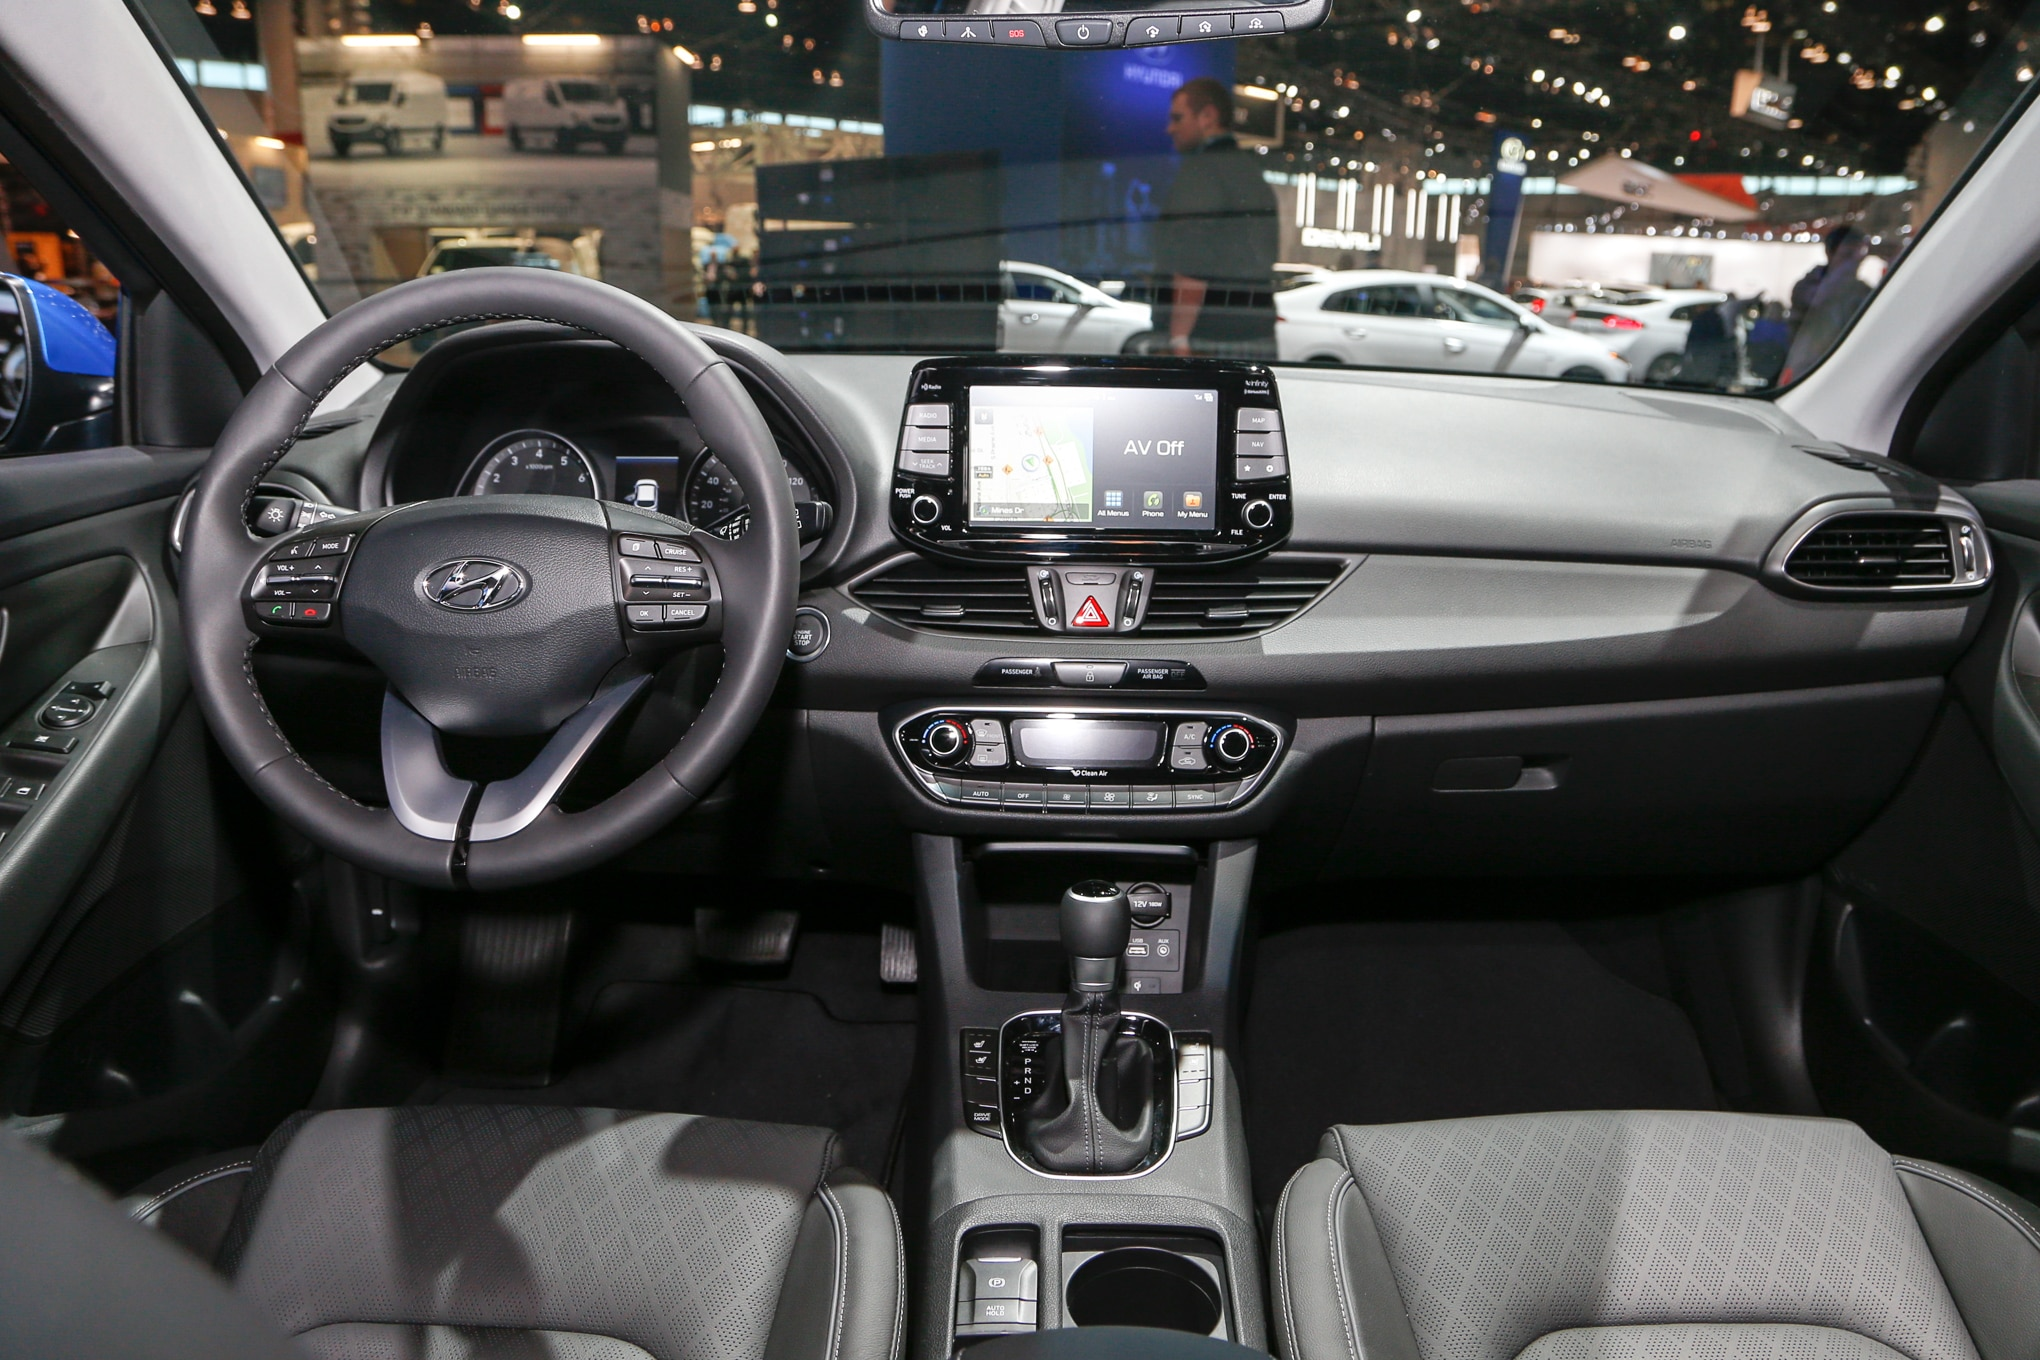 2017 Elantra Se >> Hyundai Elantra GT 2018: Primer Vistazo - Motor Trend en Español